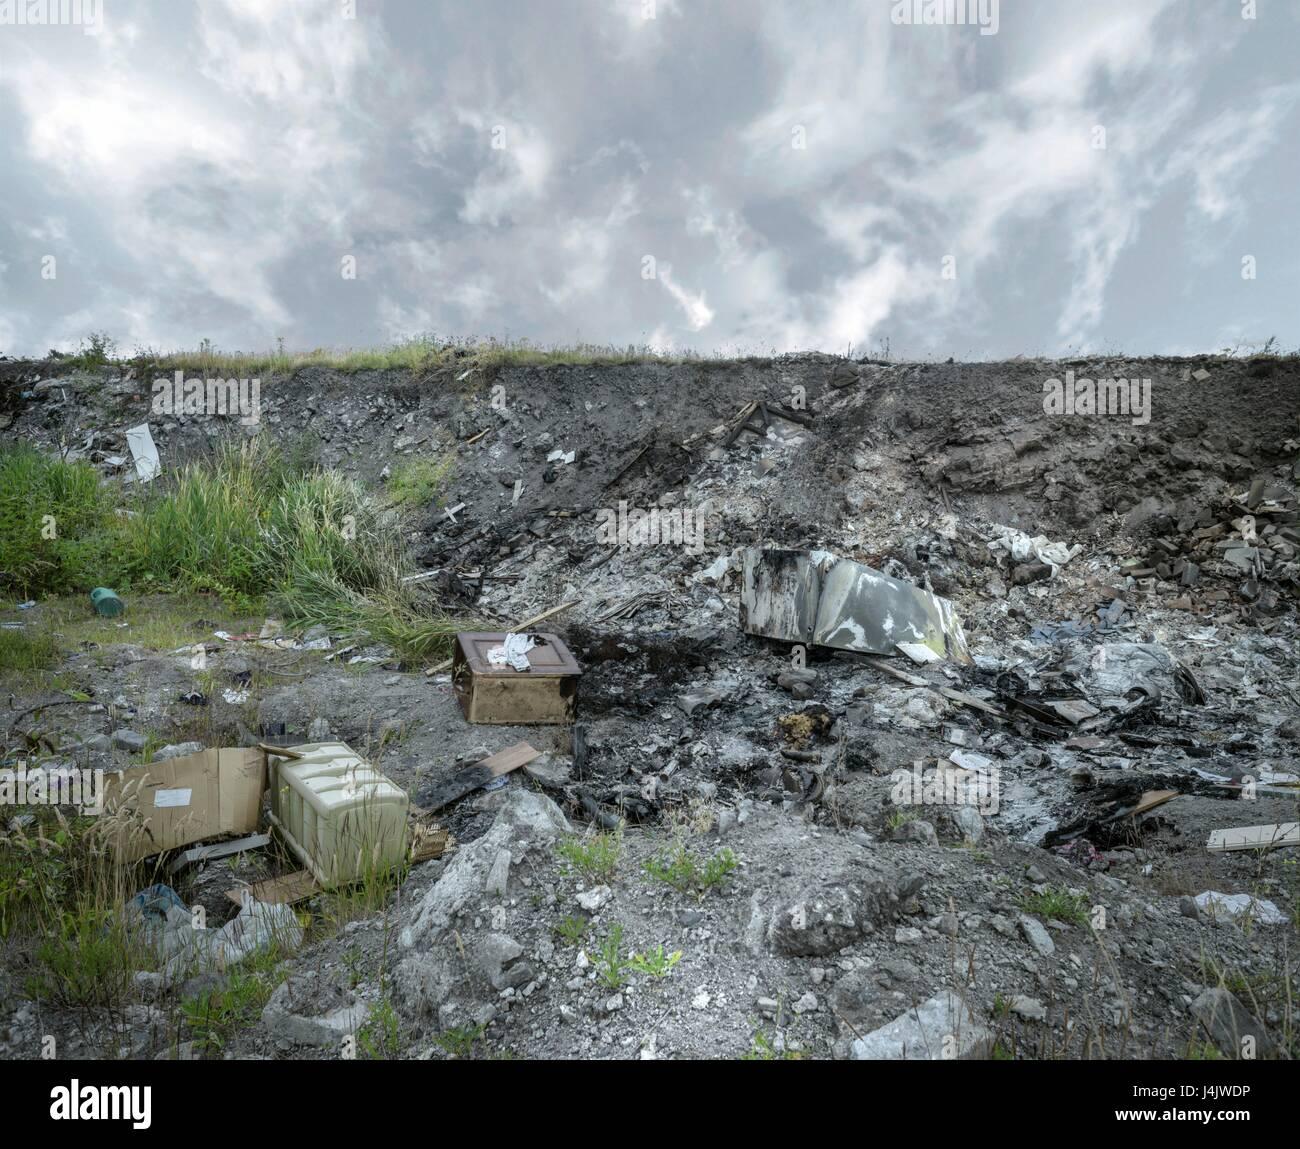 Les terrains industriels abandonnés. Photo Stock